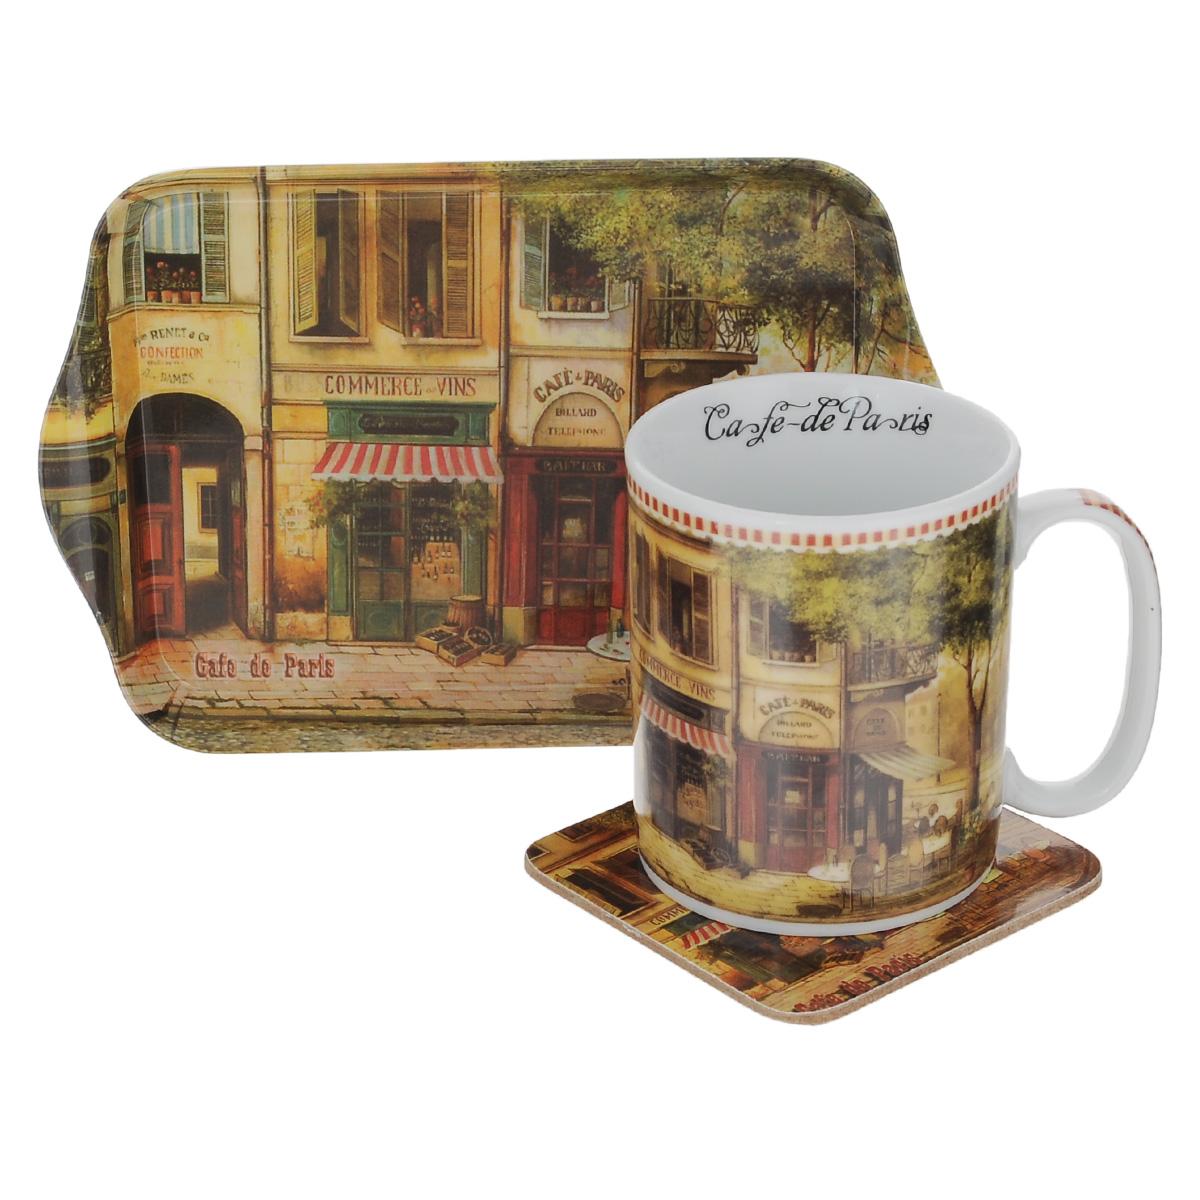 Набор чайный GiftnHome Парижское кафе, 3 предметаM07048/3 -CdPЧайный набор GiftnHome Парижское кафе состоит из кружки, подноса и подставки под кружку. Все изделия декорированы красочным изображением. Кружка изготовлена из высококачественного фарфора и оснащена удобной ручкой. Поднос изготовлен из высококачественного пластика и предназначен для красивой сервировки стола. Подставка под кружку изготовлена из пробки. Ламинированное покрытие подставки обеспечивает стойкость к высоким температурам. Такая подставка защитит поверхность стола от загрязнений и воздействия высоких температур напитка. Оригинальный набор порадует вас своим дизайном и станет неизменным атрибутом чаепития. Чайный набор GiftnHome Парижское кафе прекрасно подойдет в качестве сувенира и привнесет индивидуальности в обычную сервировку стола. Диаметр кружки: 8 см.Высота: 9,5 см.Объем: 300 мл. Размер подноса: 21 см х 14 см х 1,7 см. Размер подставки: 10 см х 10 см х 2 см.